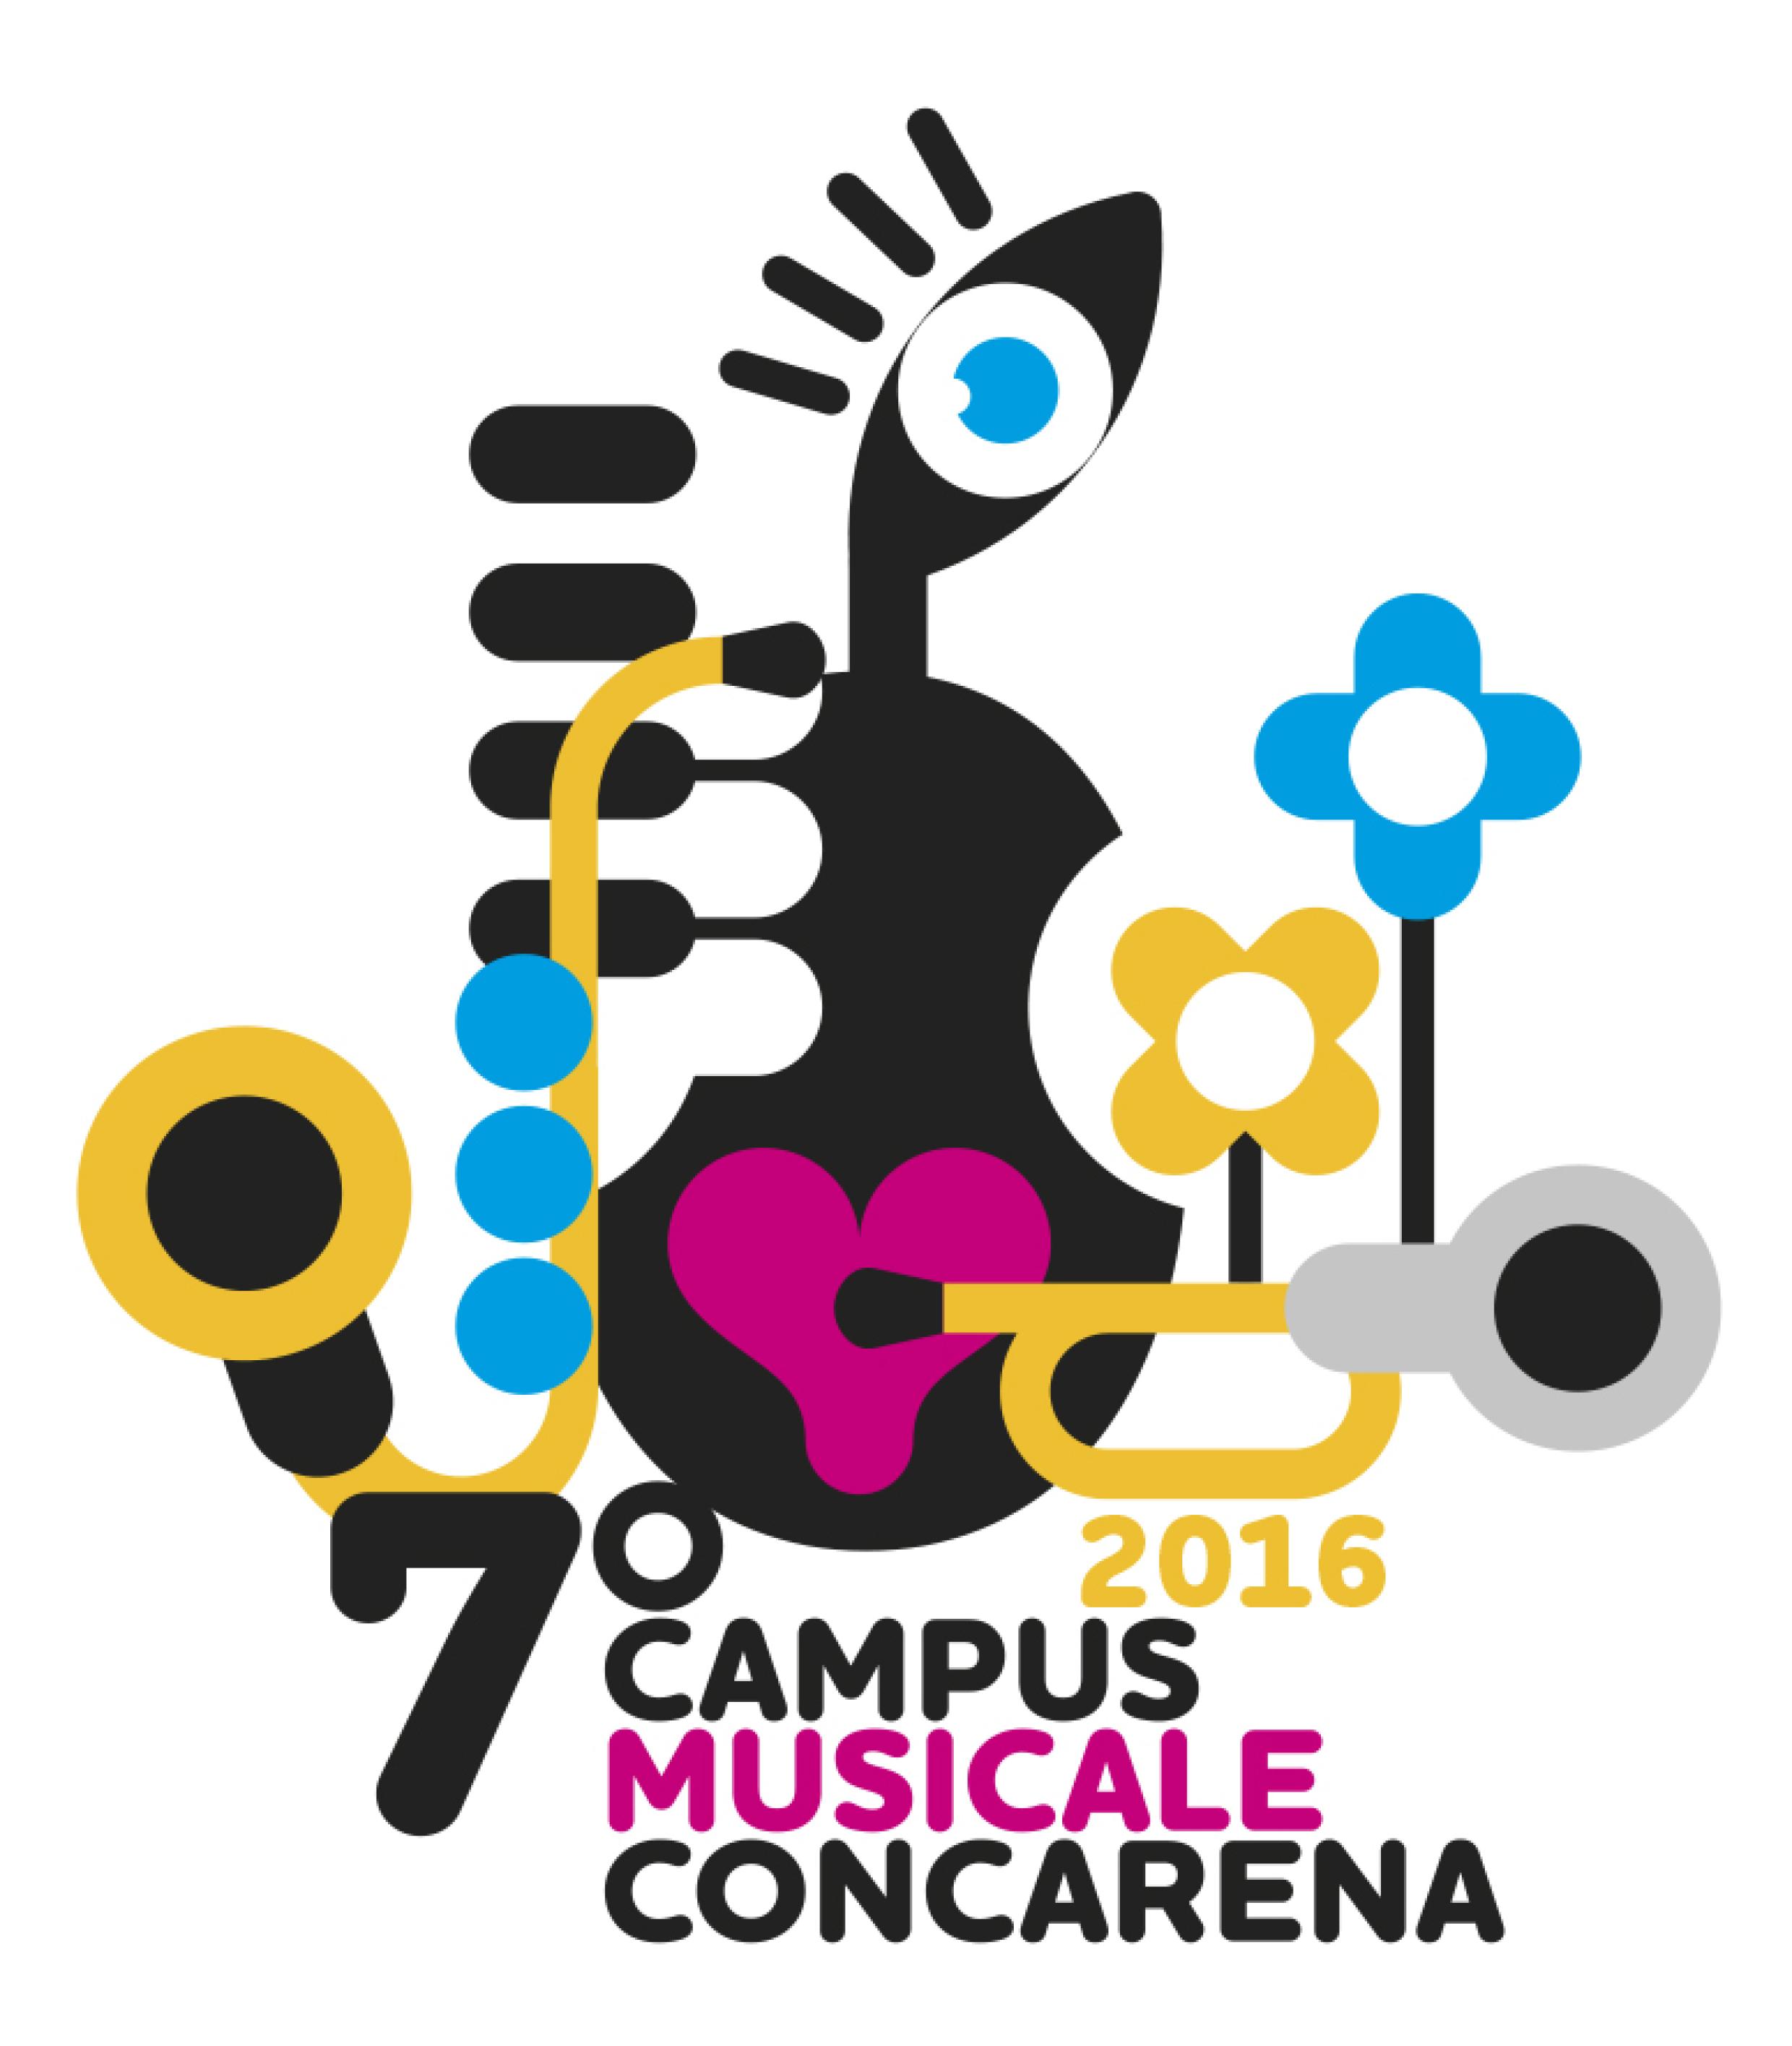 7° edizione Campus Musicale Concarena 3-15 luglio 2016